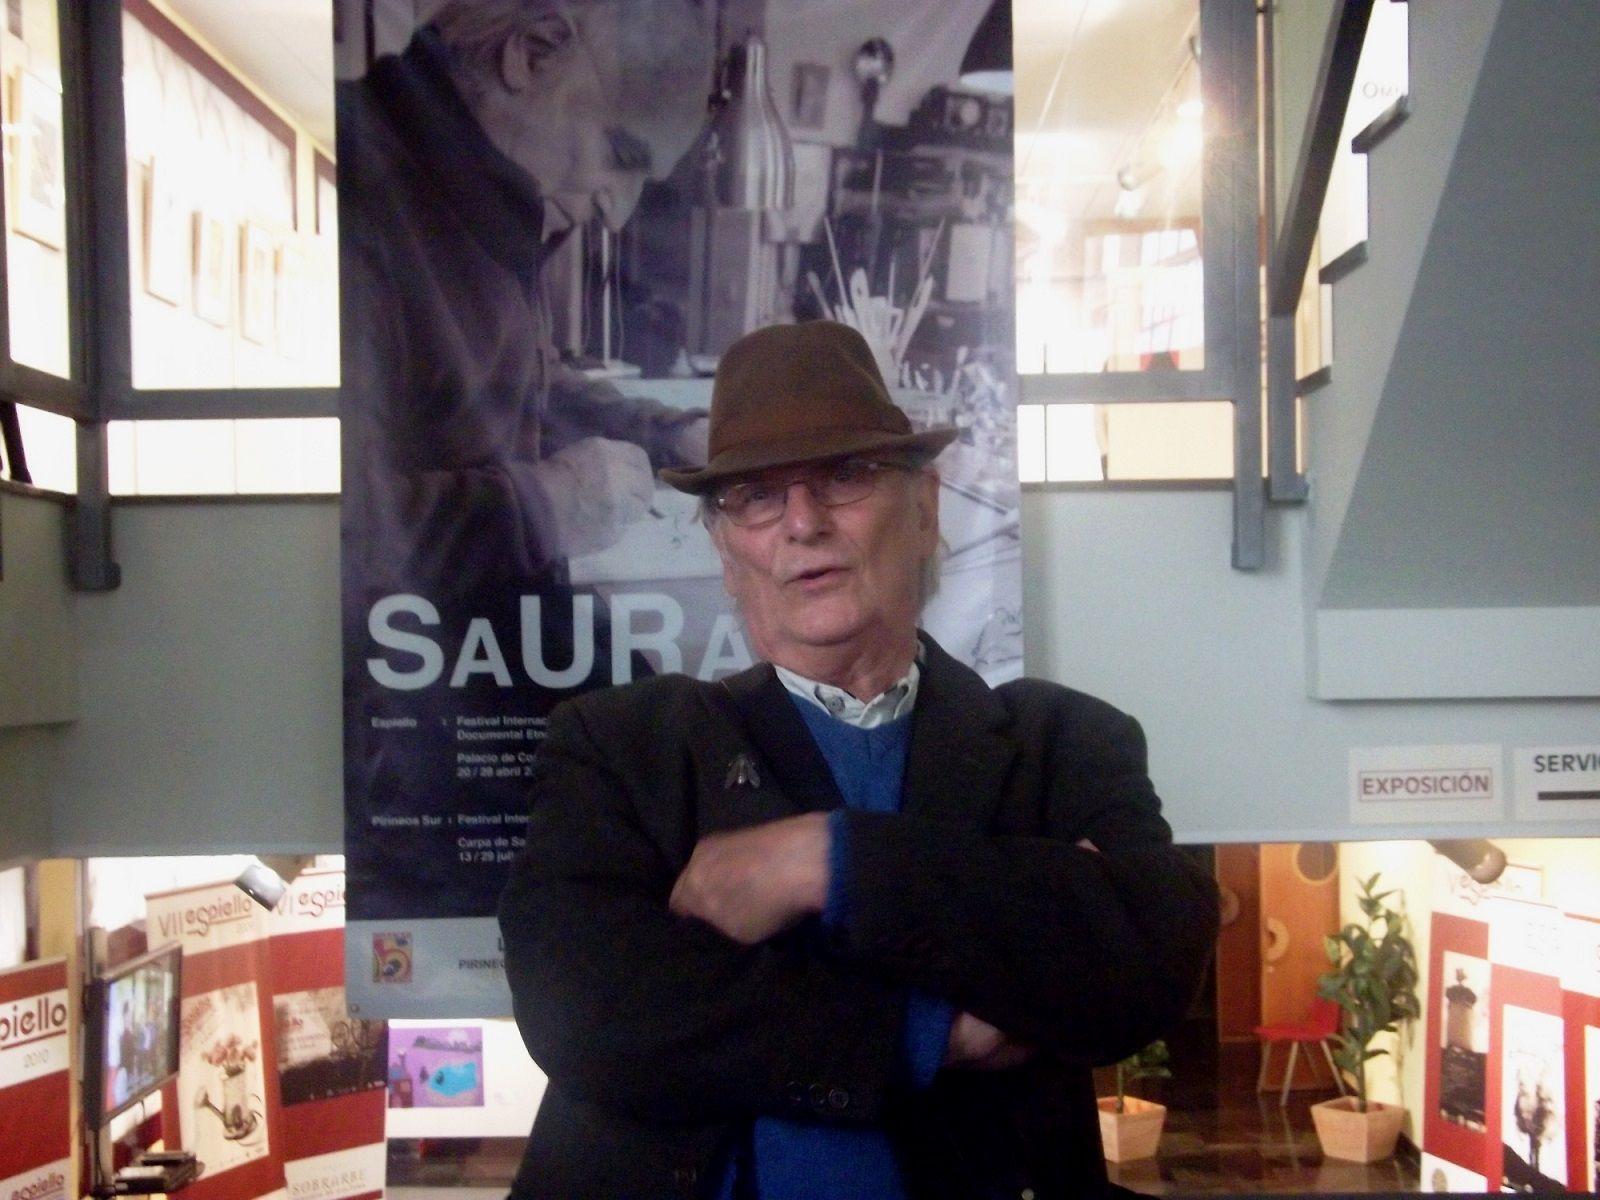 Carlos Saura en-su-visita-al-festival-ESPIELLO-en-2012.